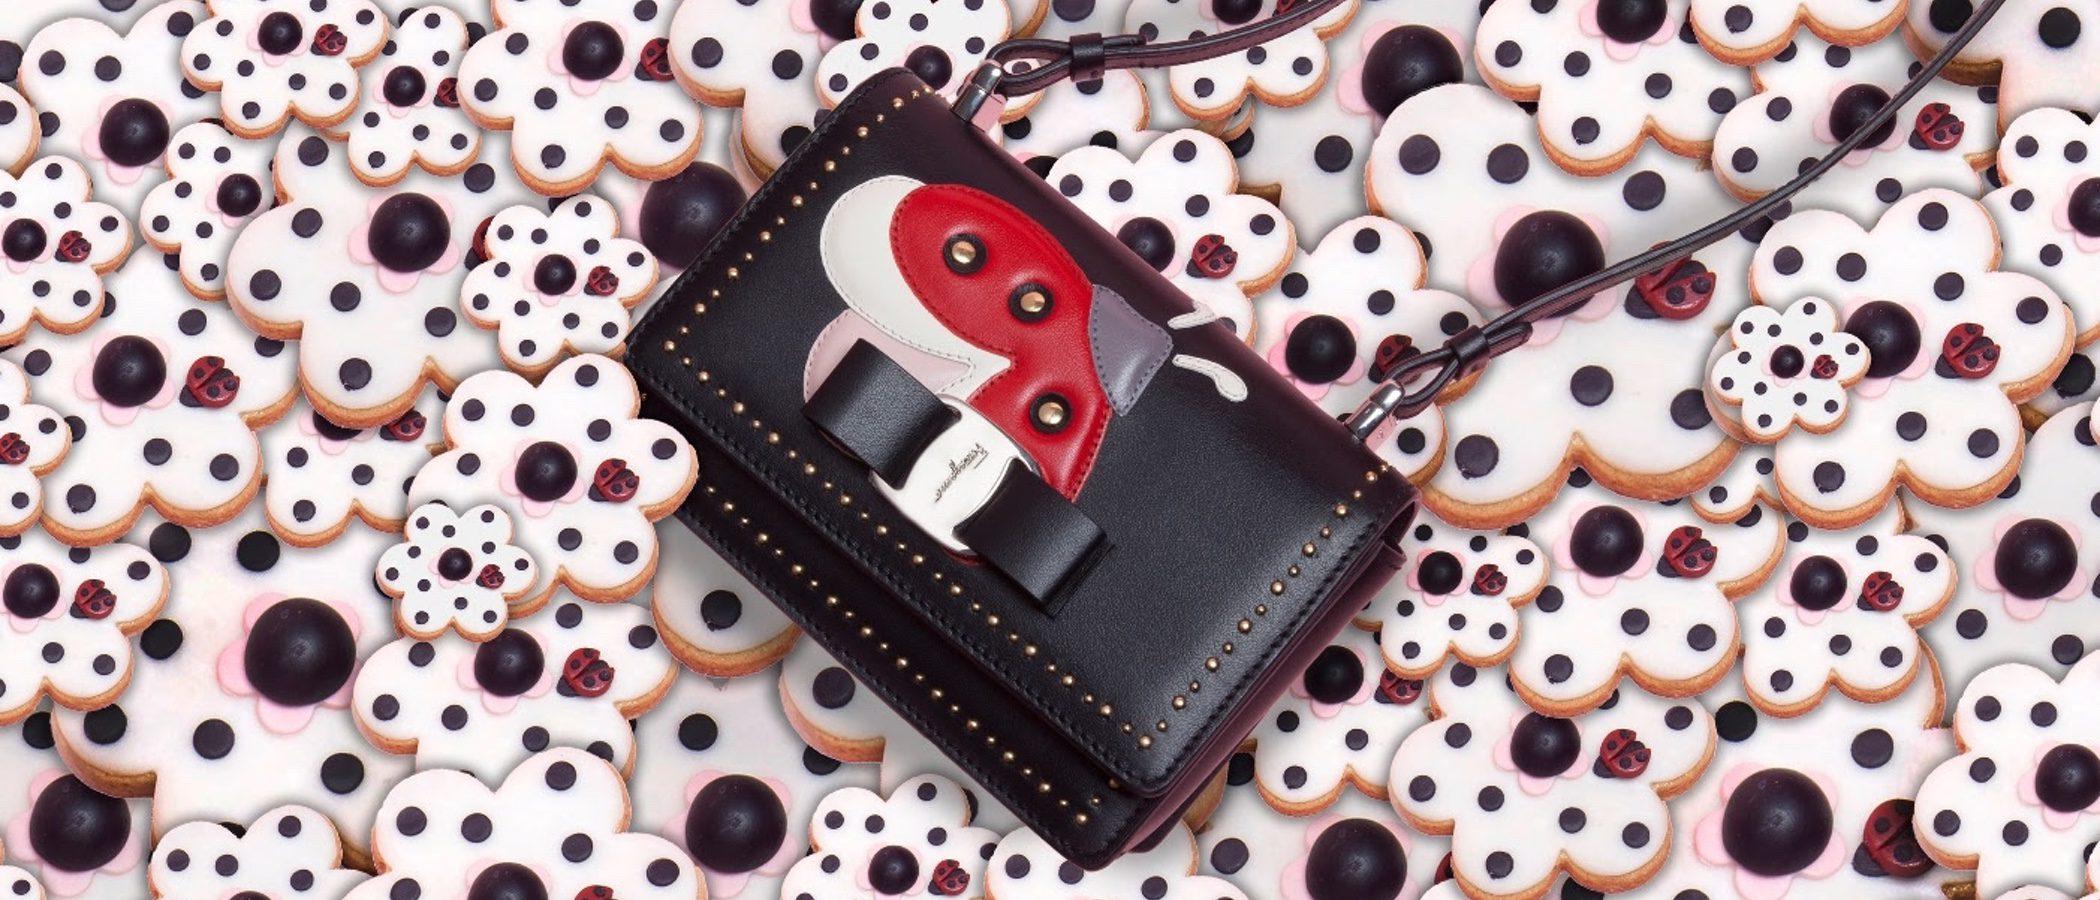 Salvatore Ferragamo añade nuevos diseños a su colección Mini para invierno 2017